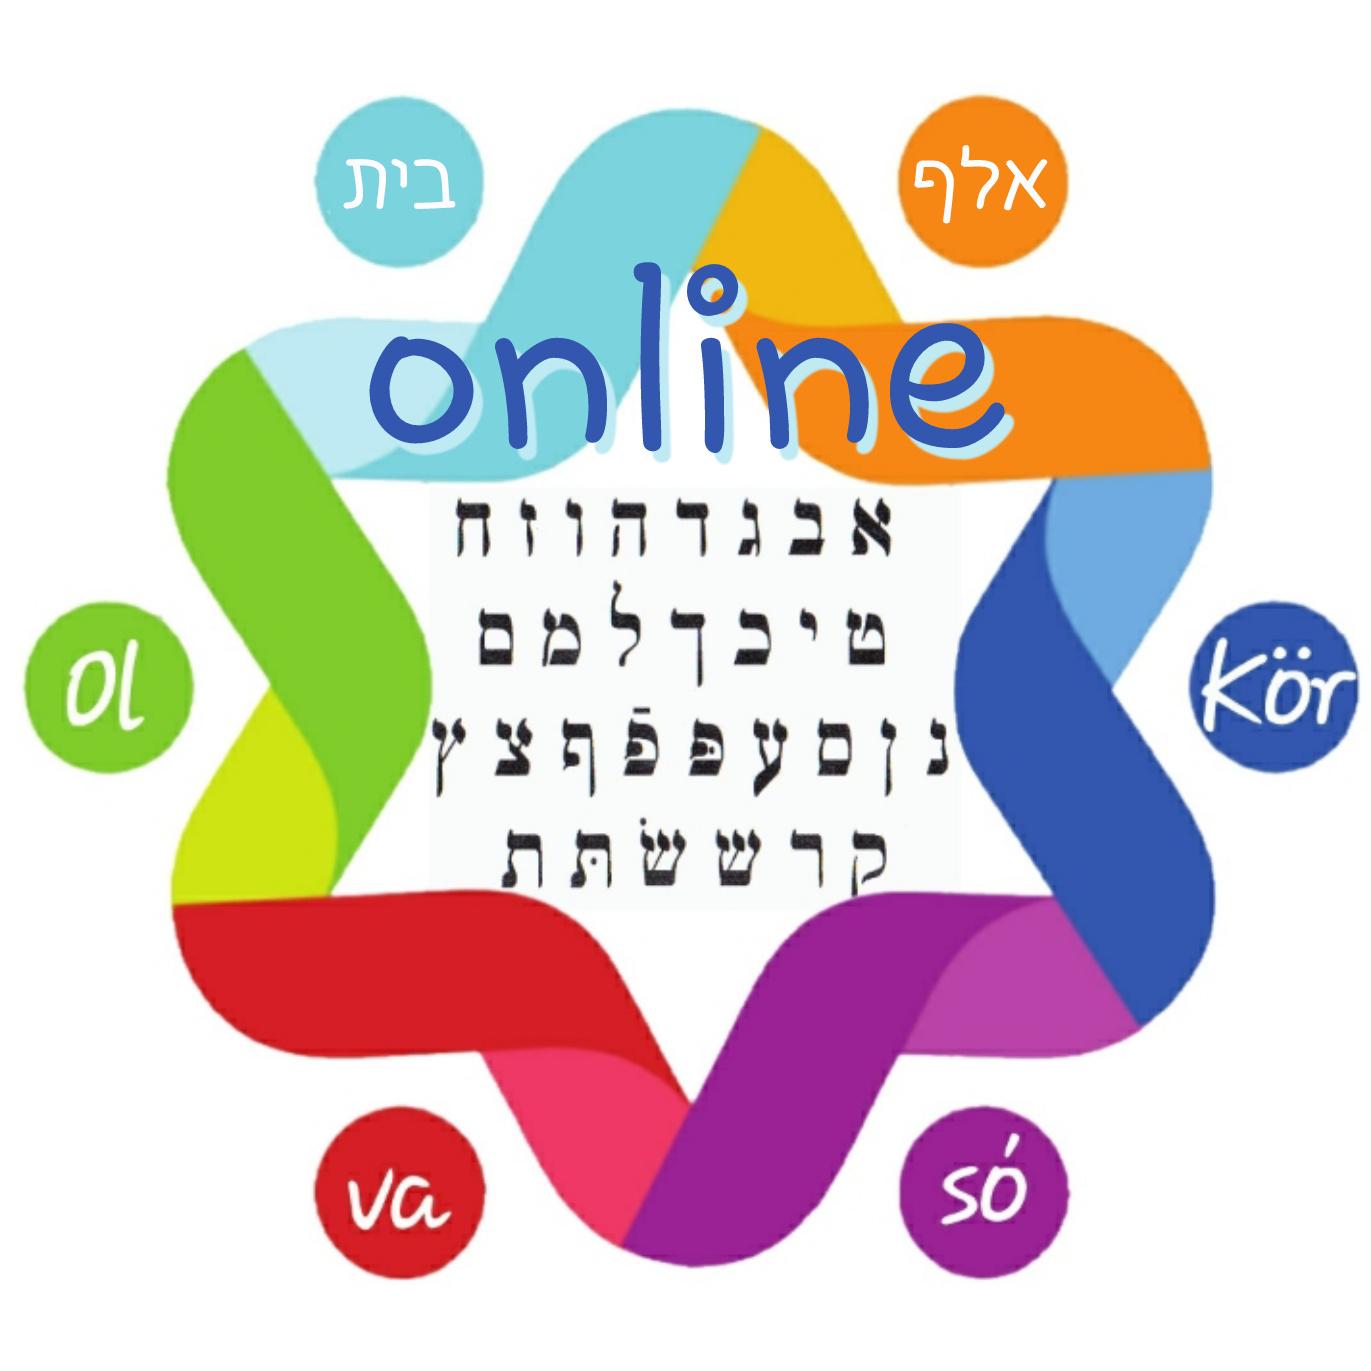 Online Héber Olvasókör, OHO